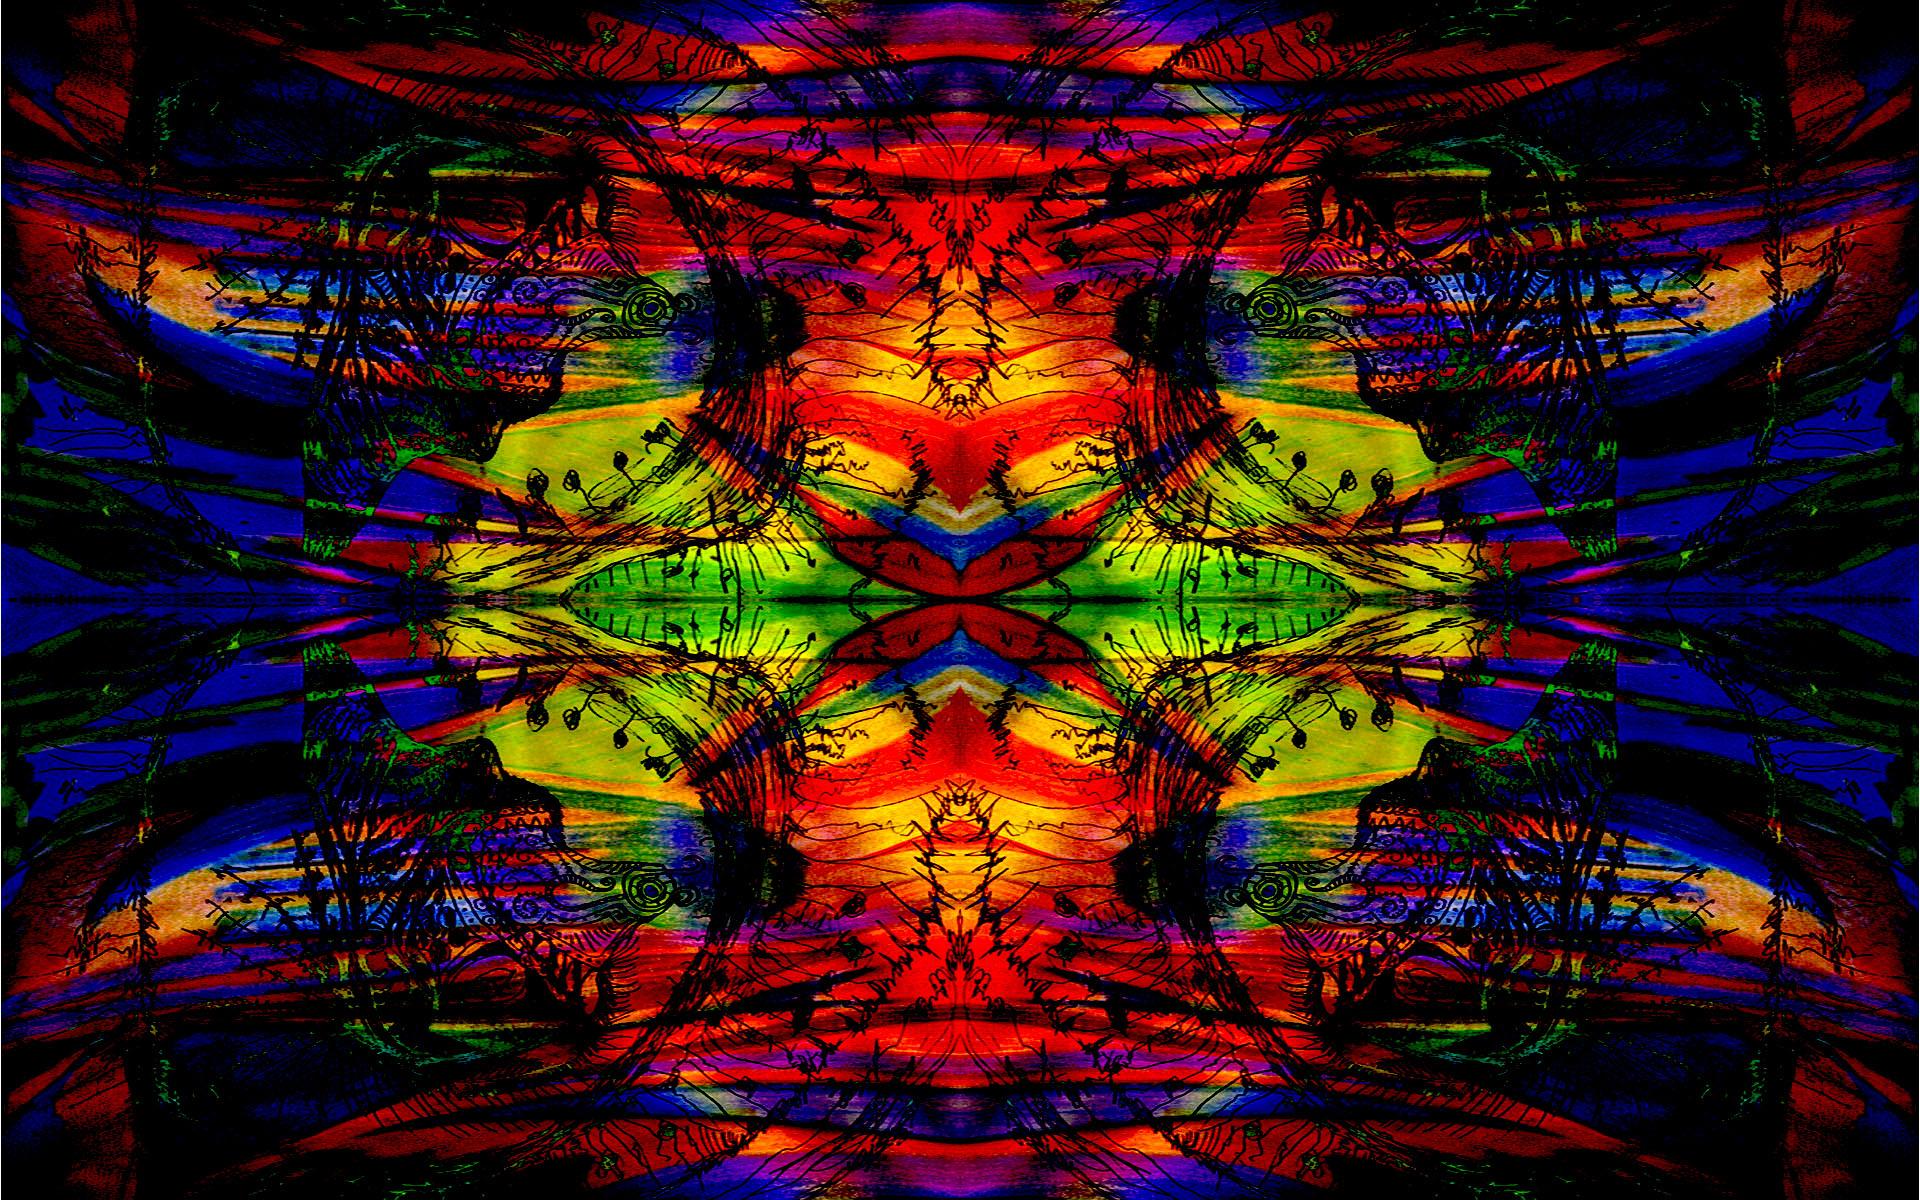 Trippy Tie Dye Background Acid Wallpaper Fond D Ecran Lsd 4k 1920x1200 Download Hd Wallpaper Wallpapertip